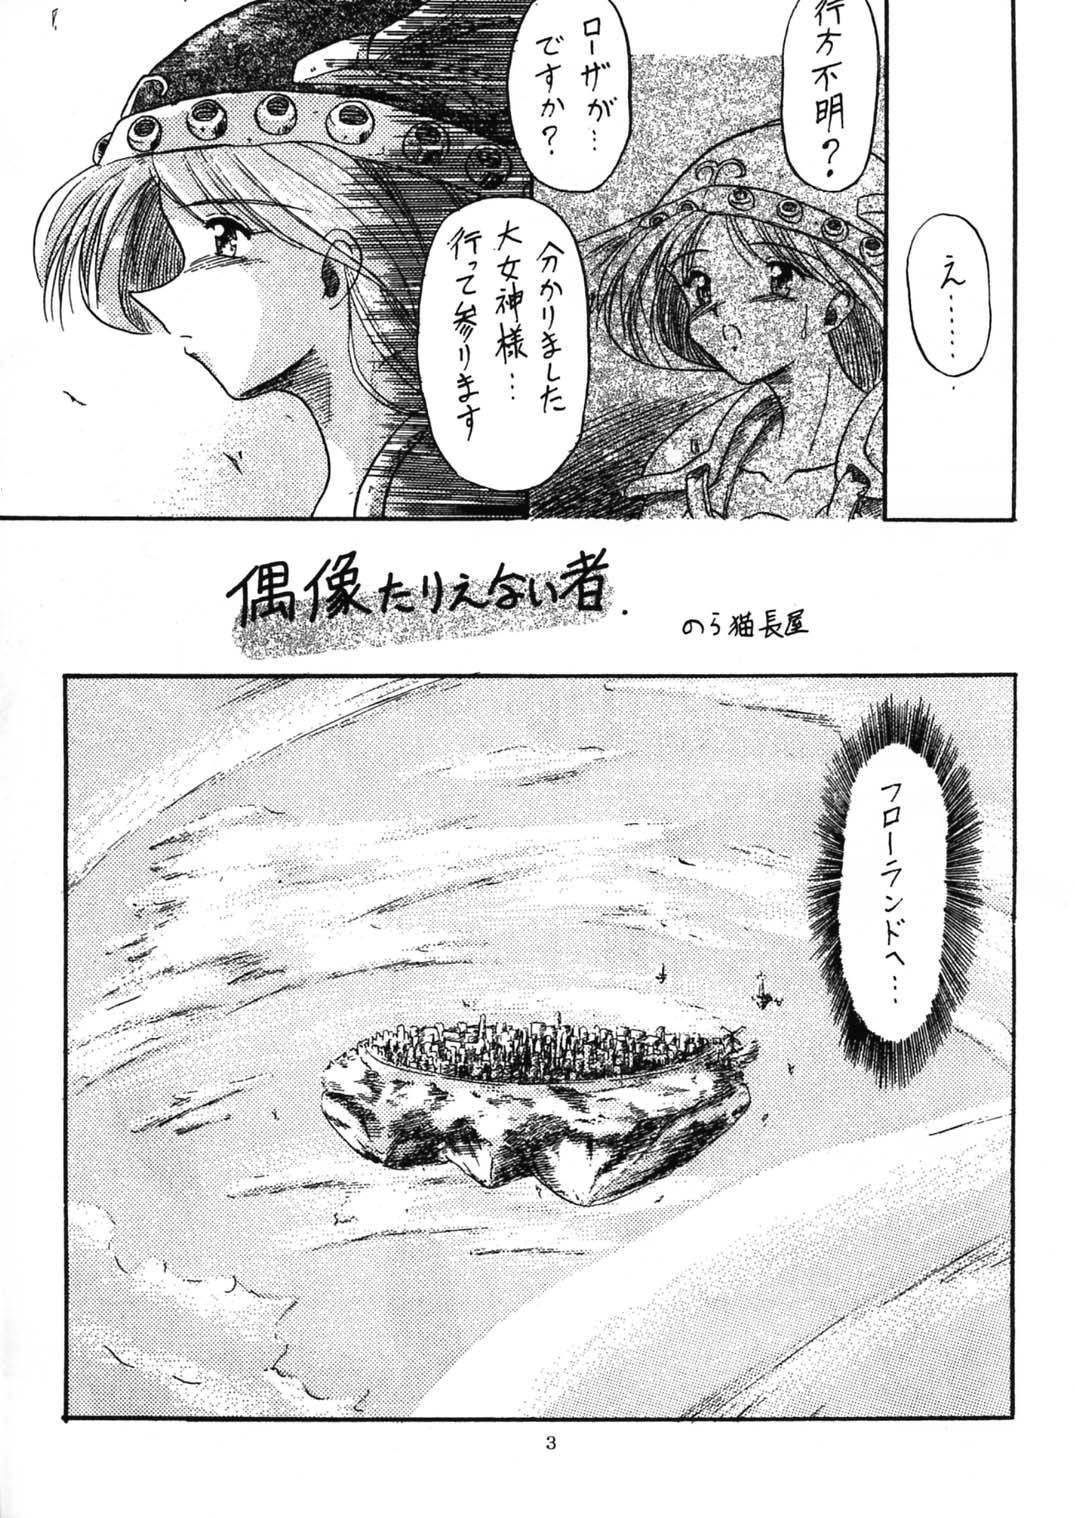 Ikusa Otome Kourinsai 2